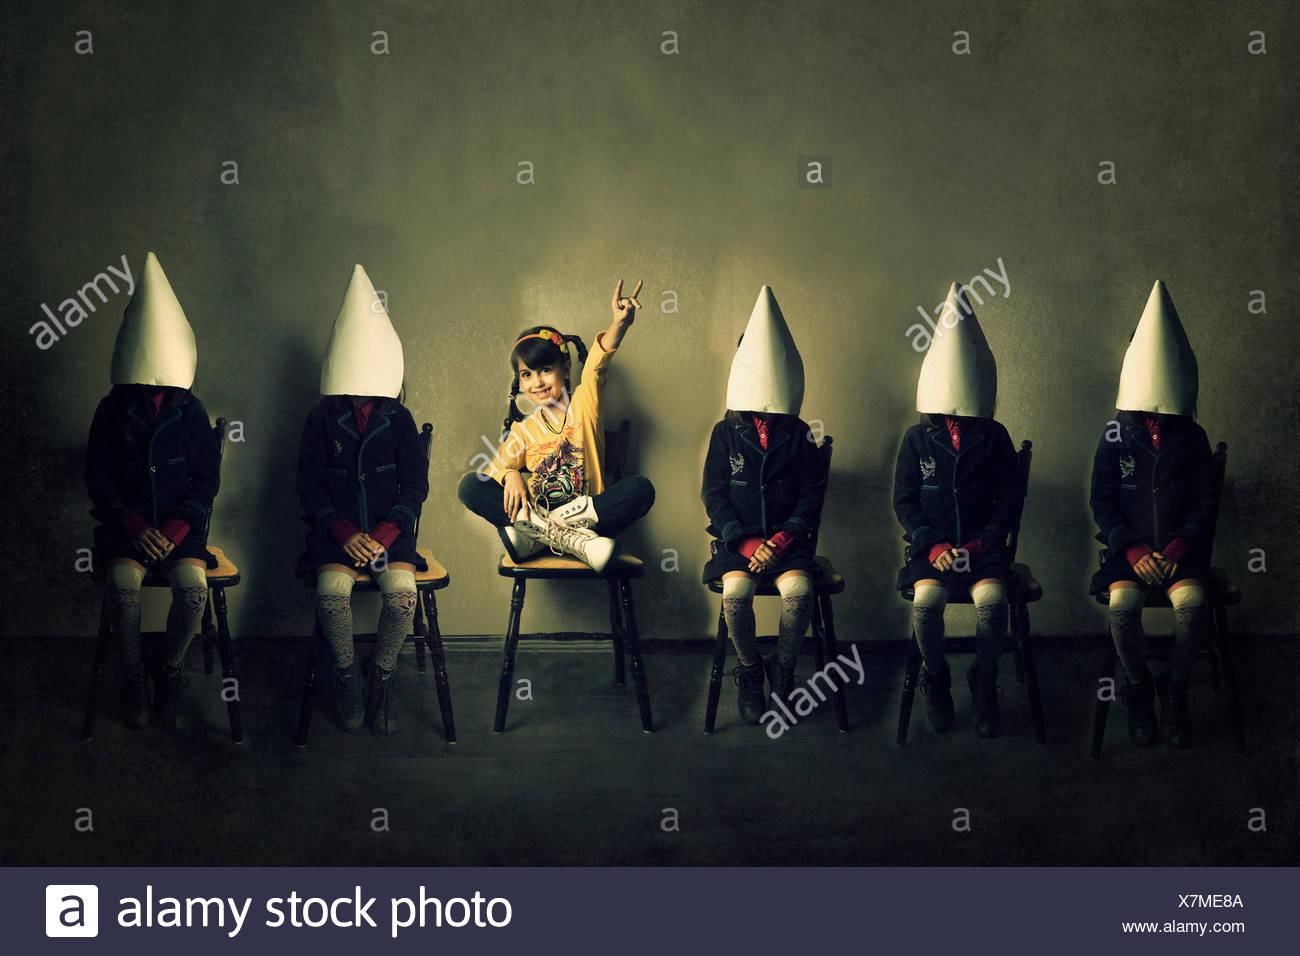 Ragazza in abbigliamento casual seduta su una sedia tra cinque ragazze che indossano uniformi Foto Stock